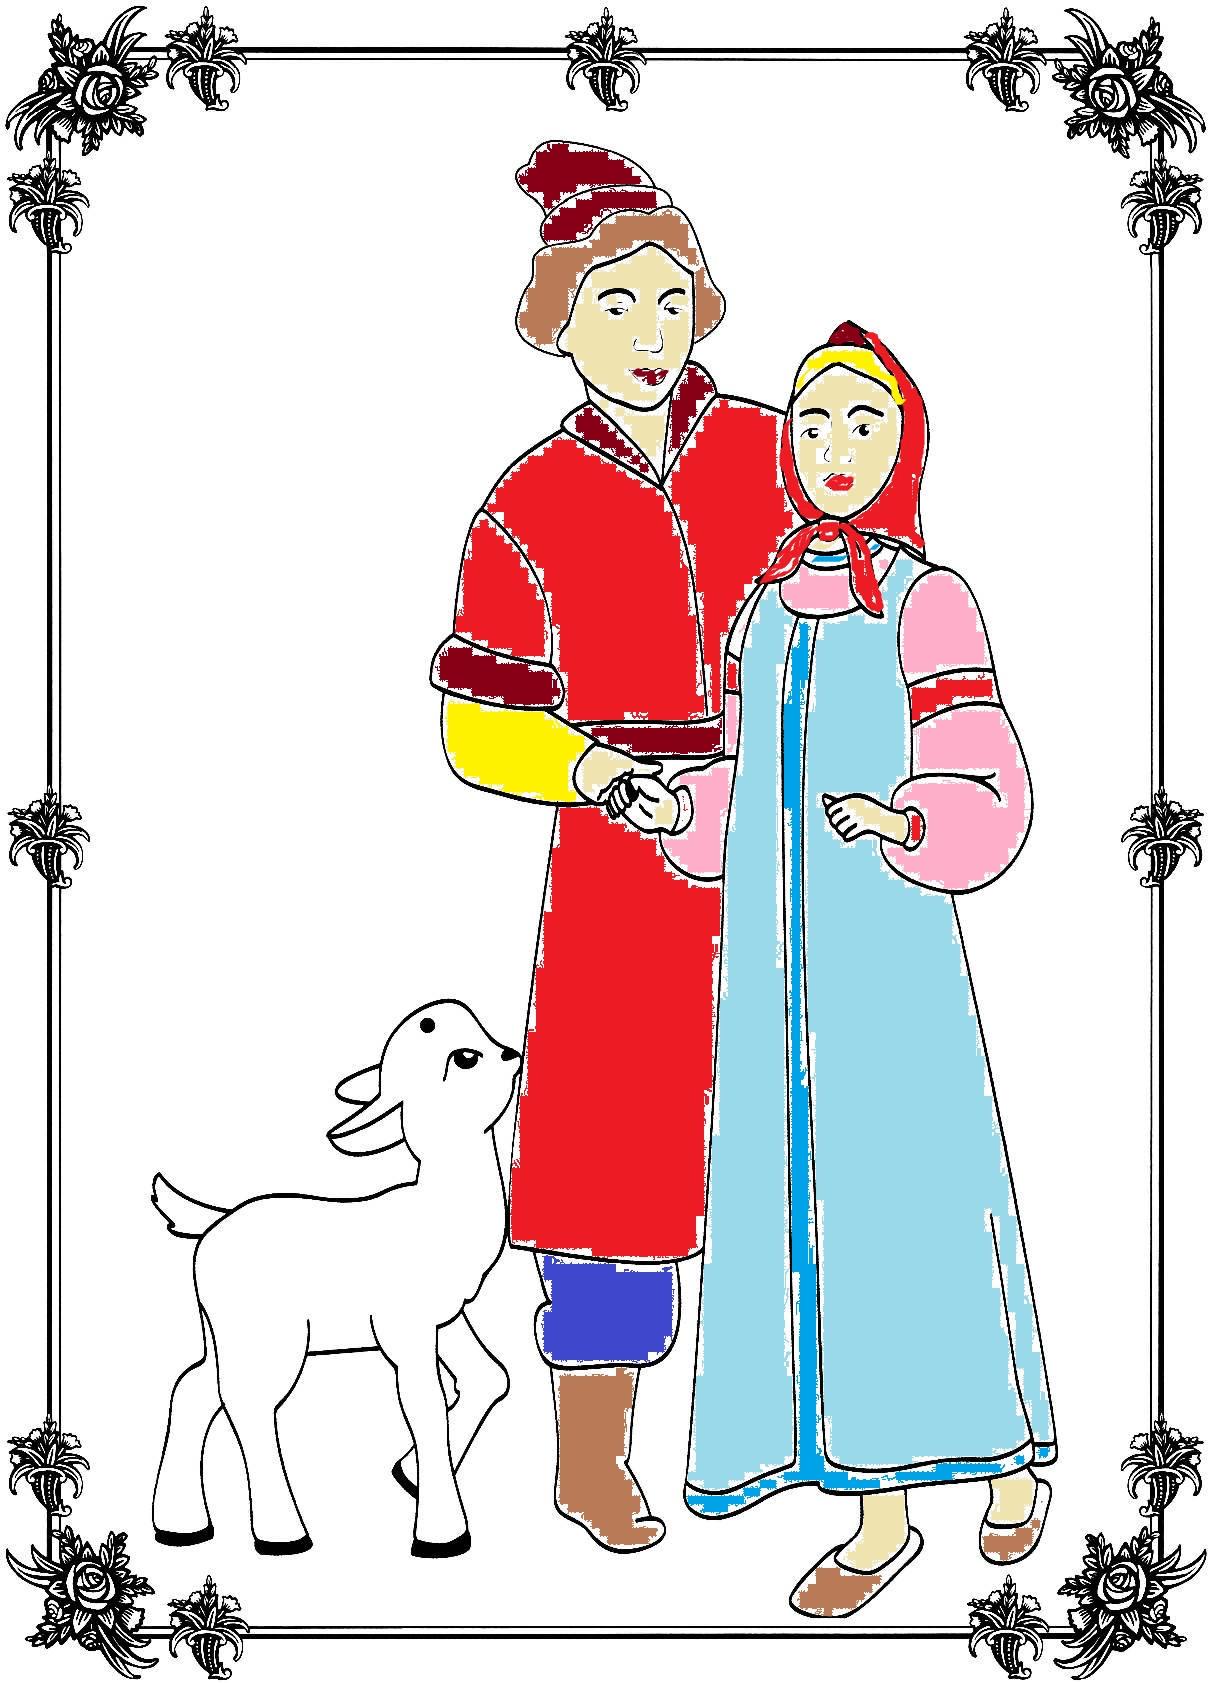 мужскими сестрица аленушка и братец иванушка картинки и рисунки покинуть пост